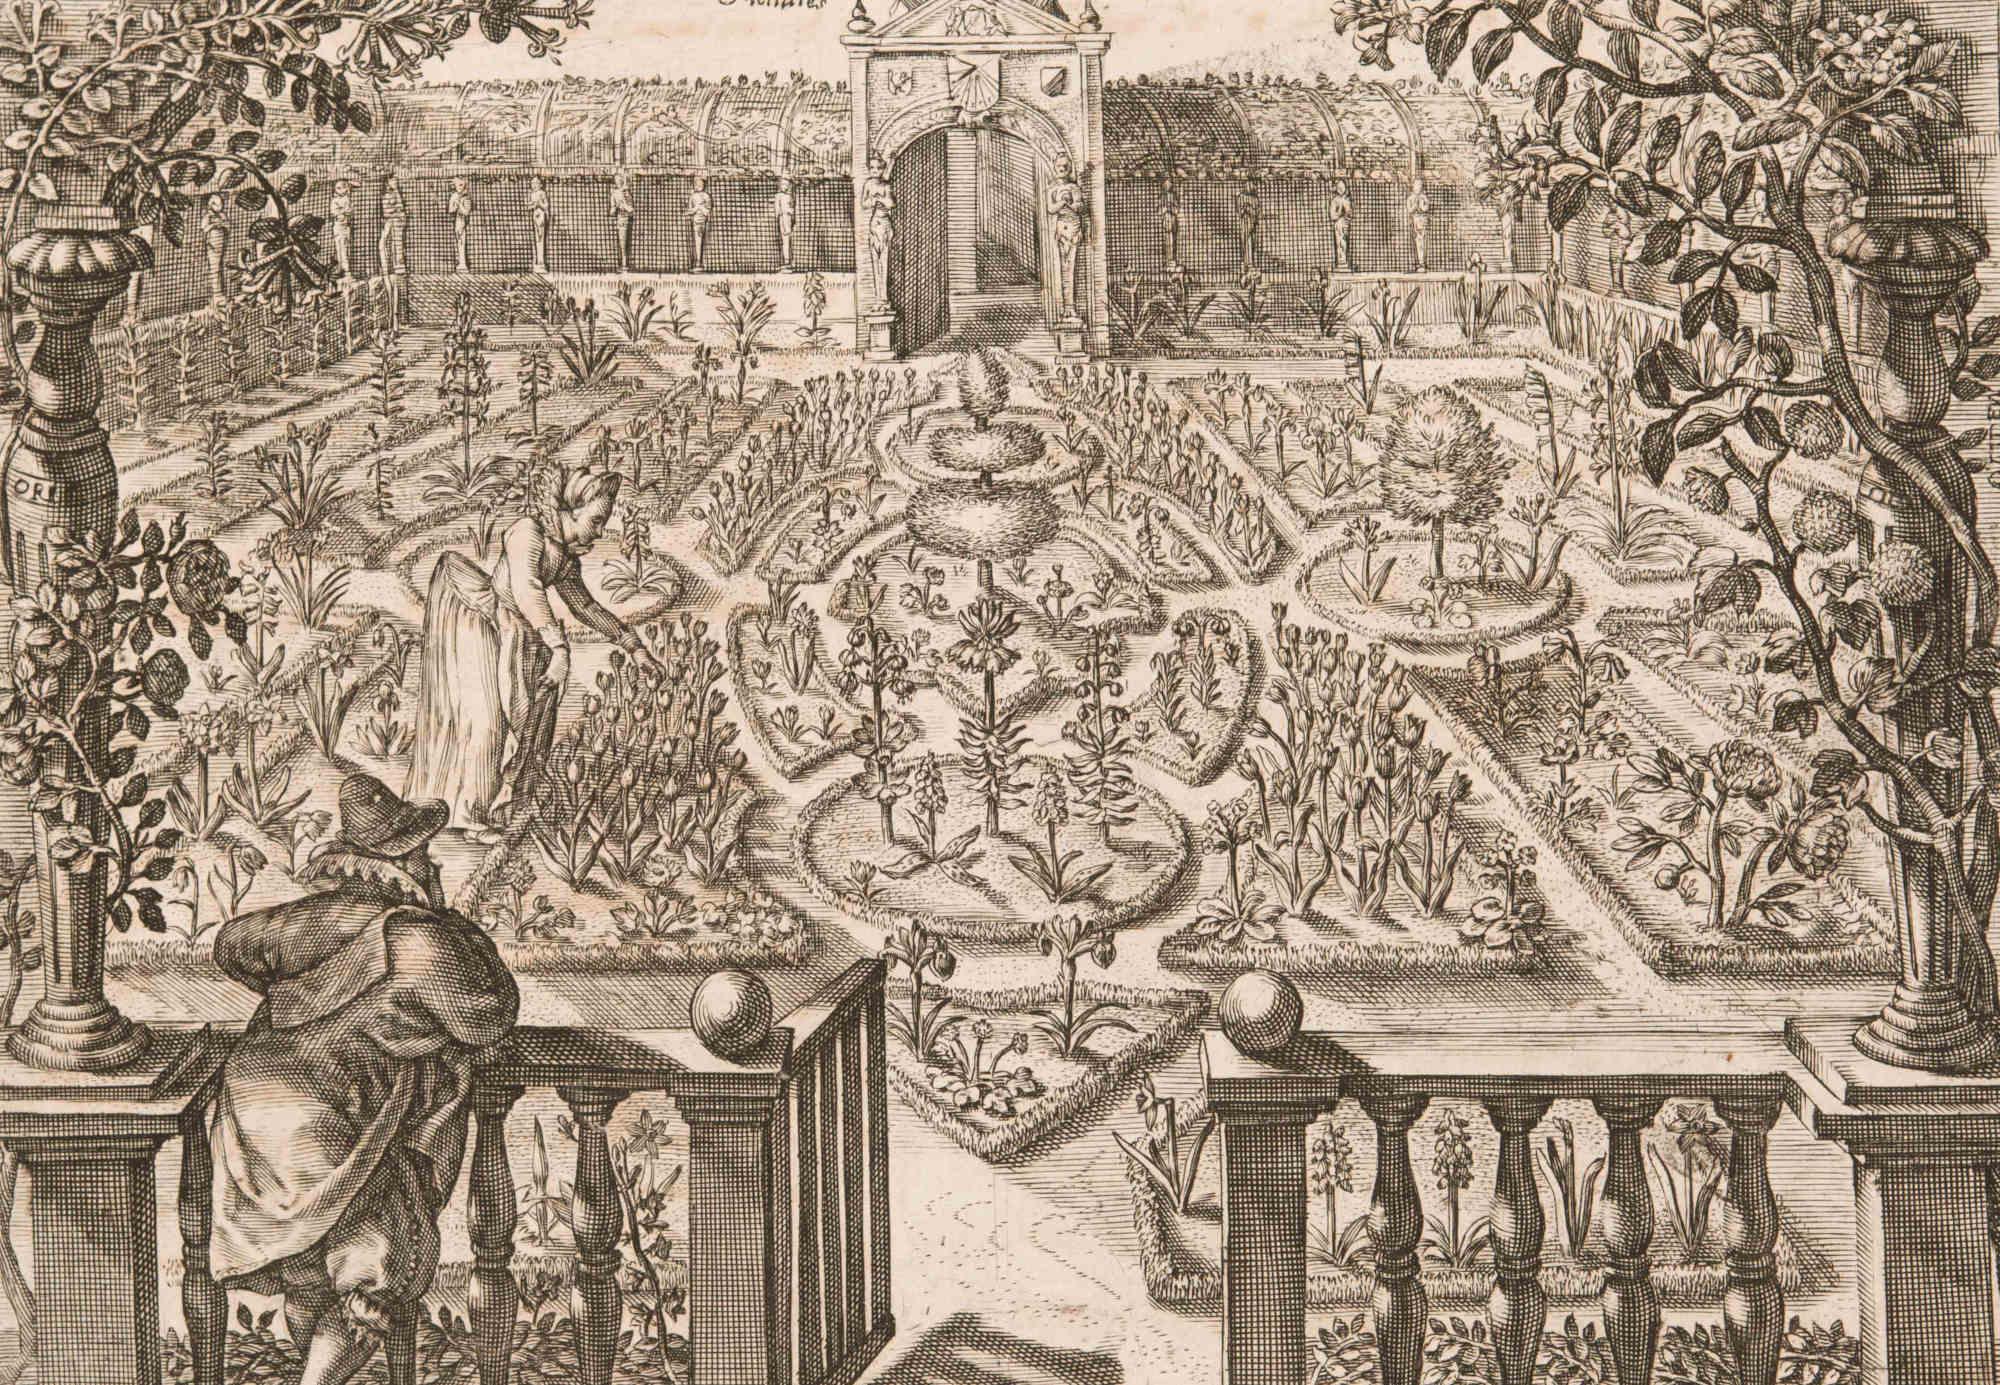 Illustration from Hortus floridus in quo rariorum & minus vulgarium icones ad vivam veramque formam accuratissime delineatae (detail)